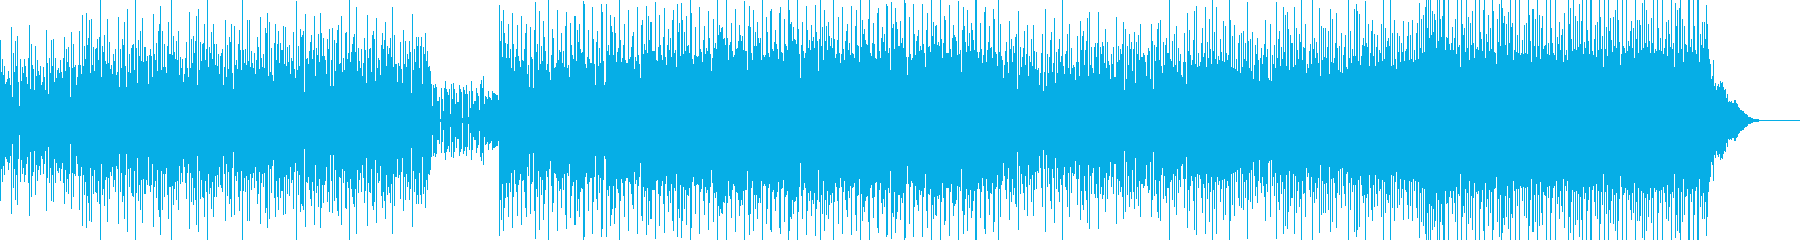 ファンキーなギターとハウスロックの再生済みの波形